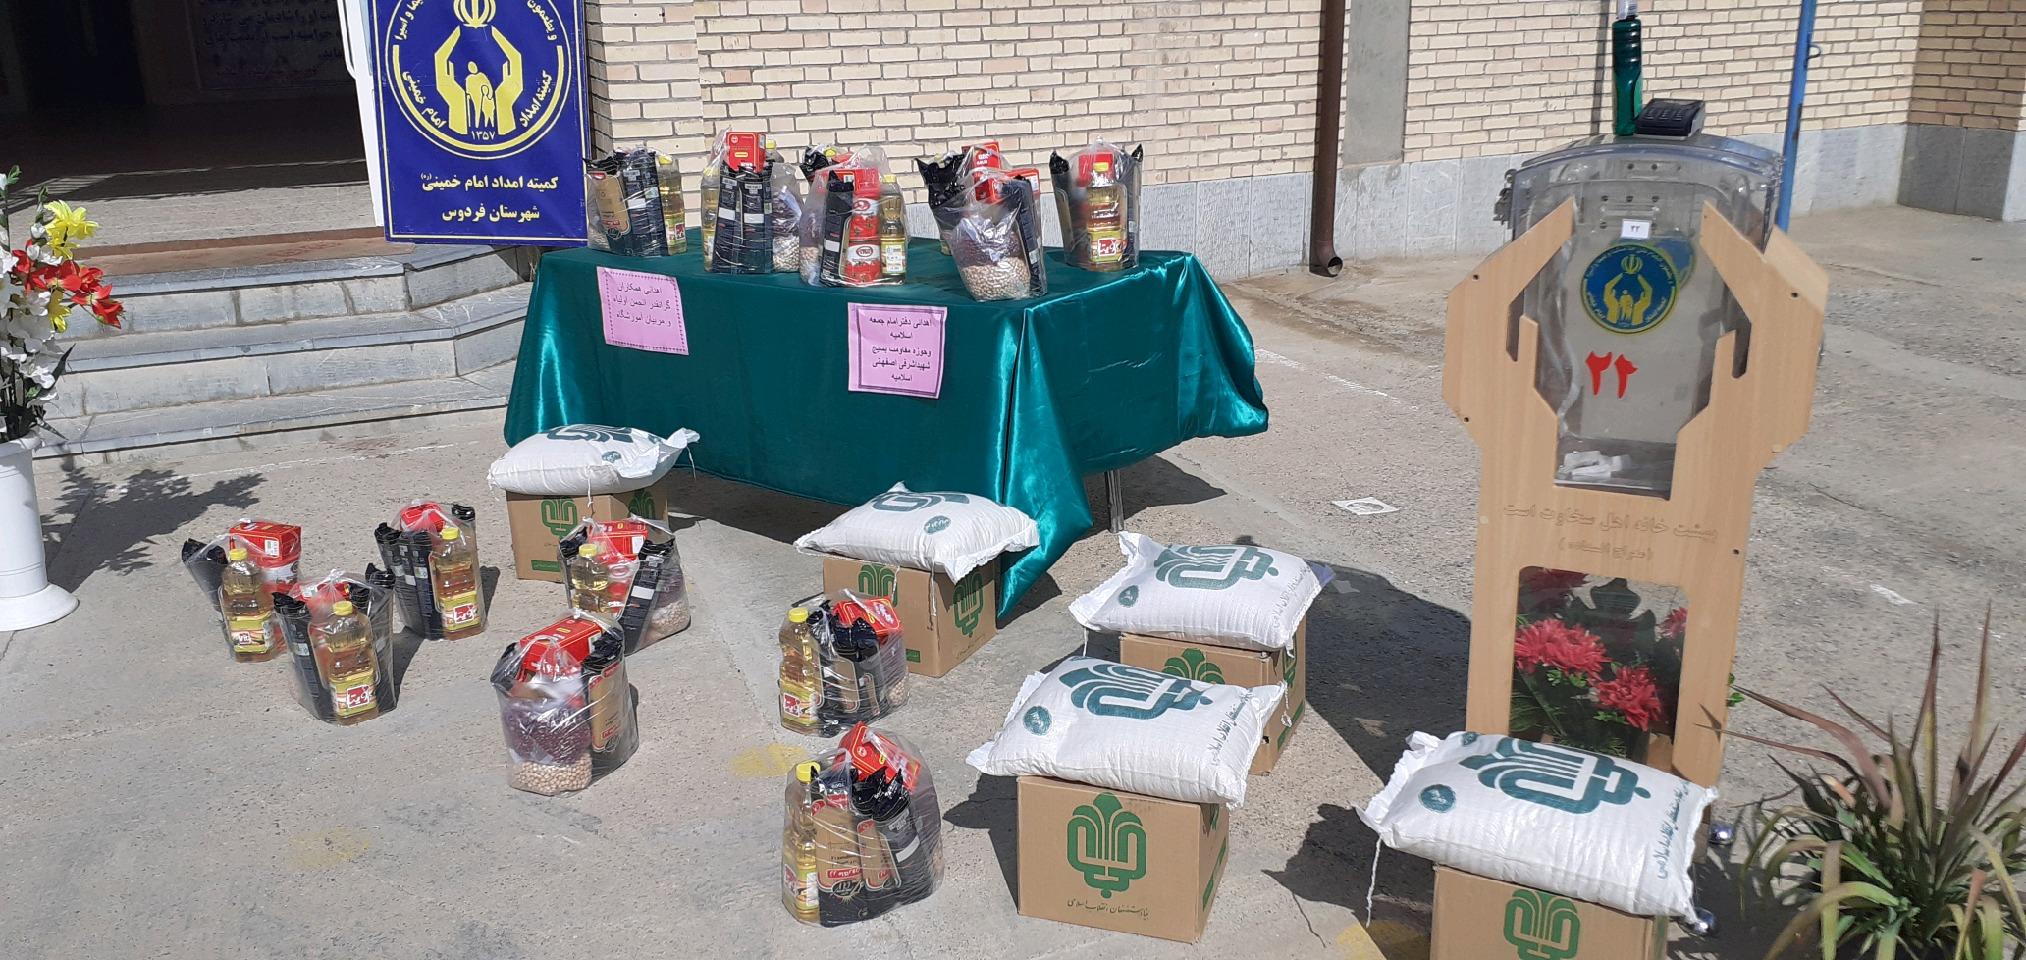 استقرار ۲۱۵۵ پایگاه برای جمع آوری کمکهای مردمی در جشن نیکوکاری